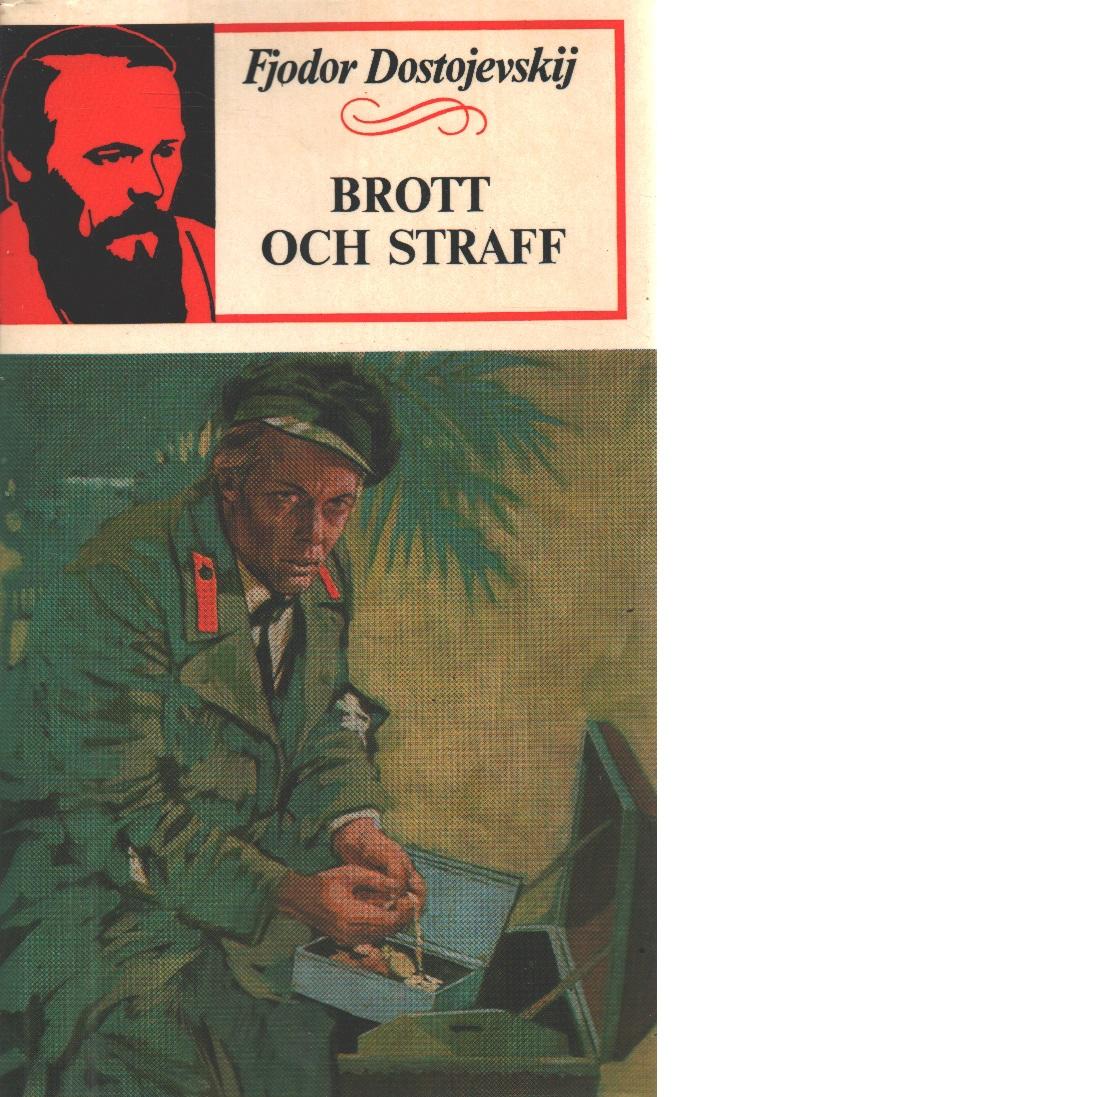 Brott och straff - Dostojevskij, Fjodor